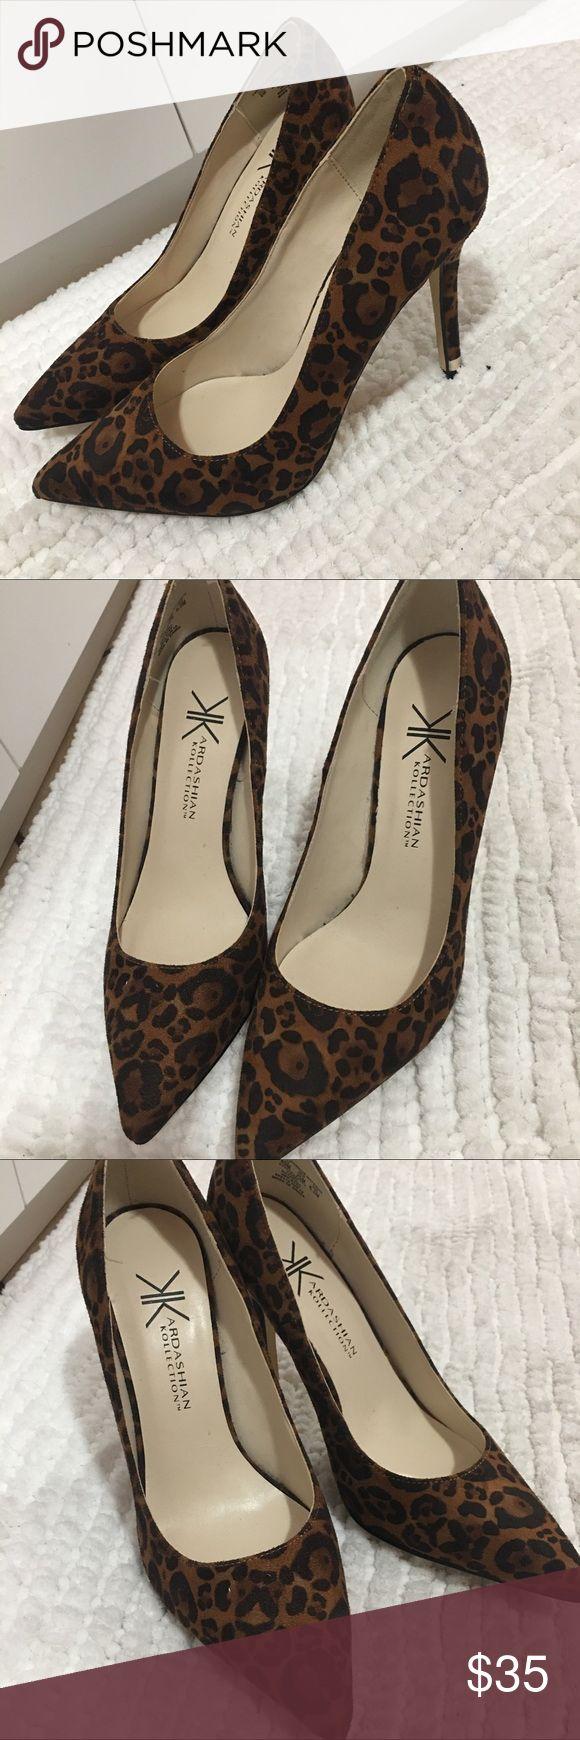 Cheetah Heels (kardashian Kollection) New cheetah Heels never worn size 8 Kardashian Kollection Shoes Heels